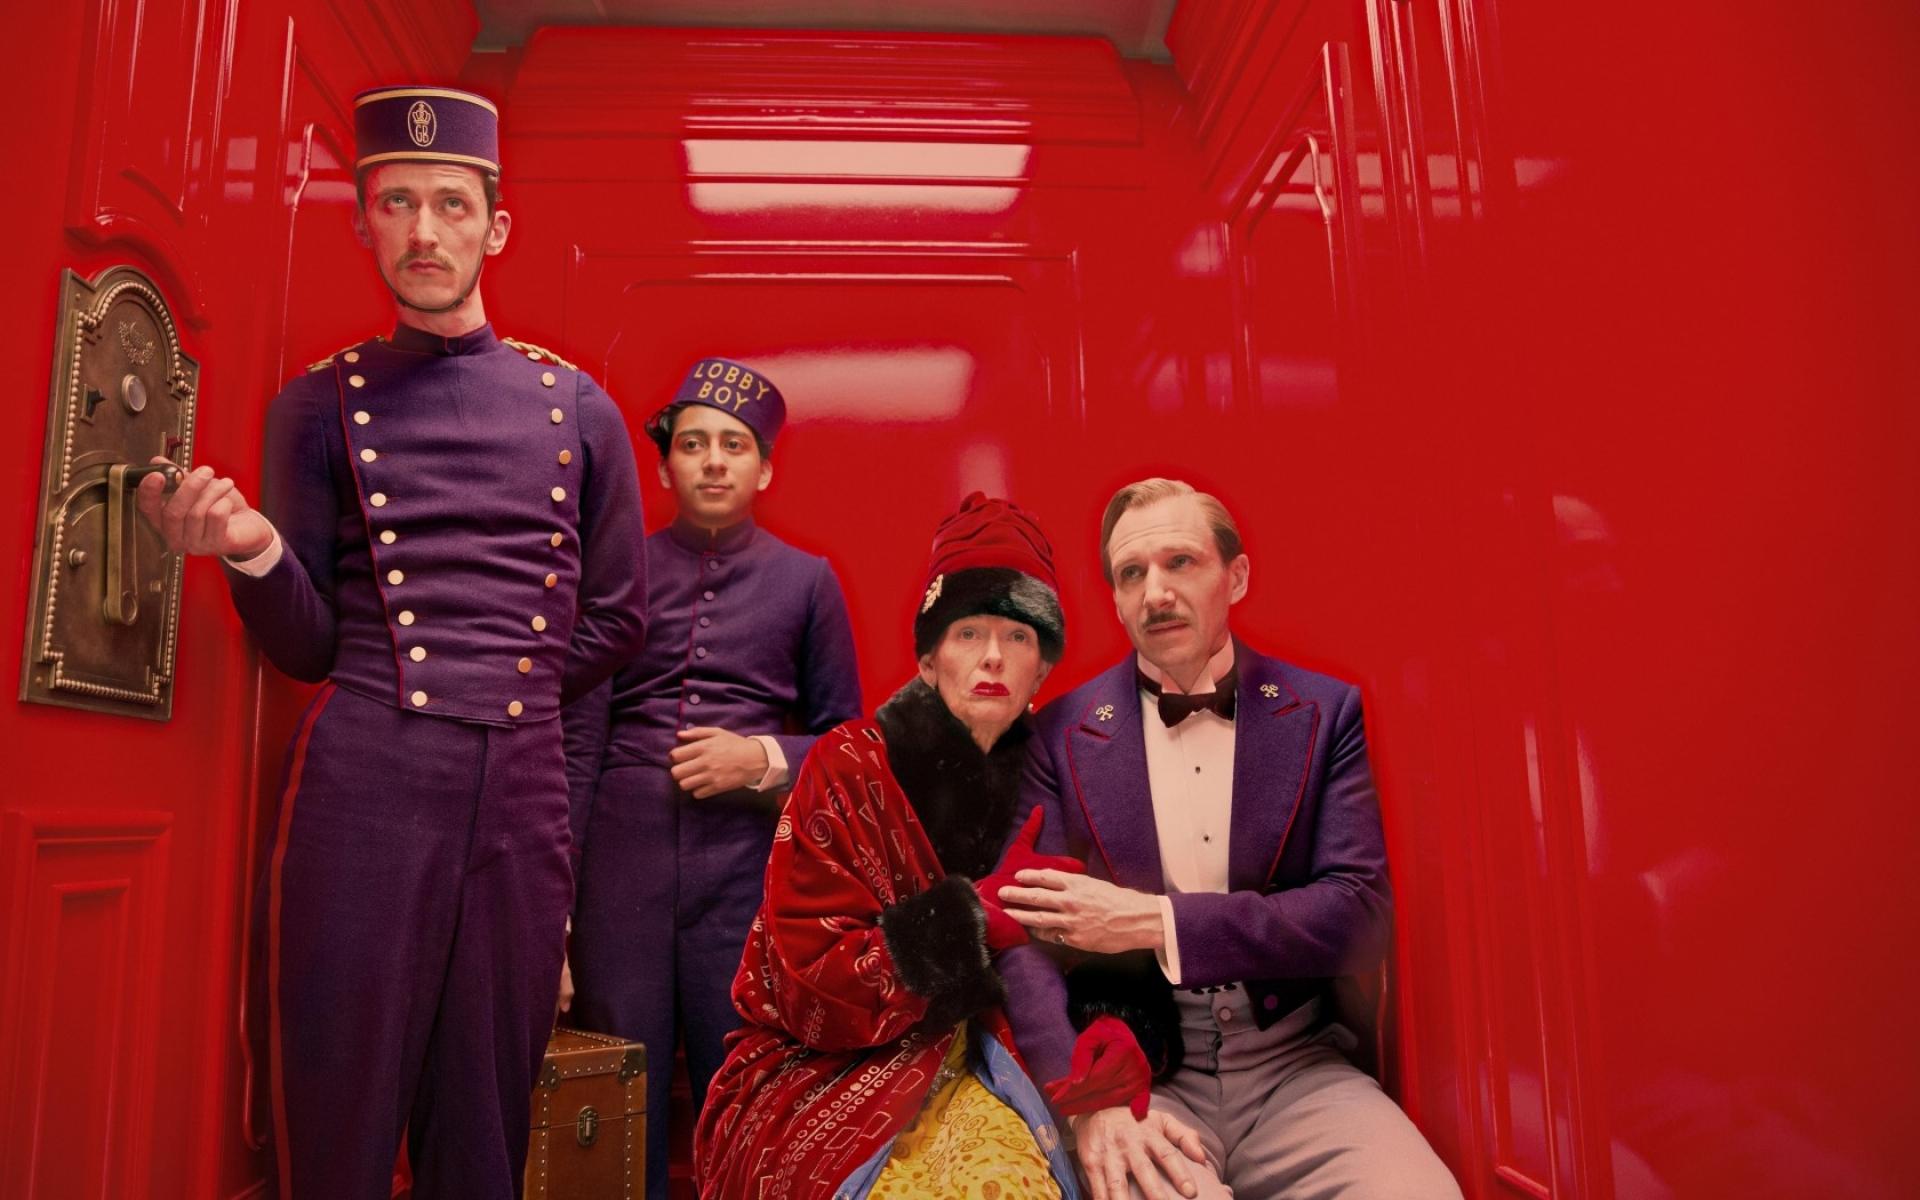 Картинки Большой отель в будапеште, ralph fiennes, люди, лифт, красный, горничная, униформа фото и обои на рабочий стол